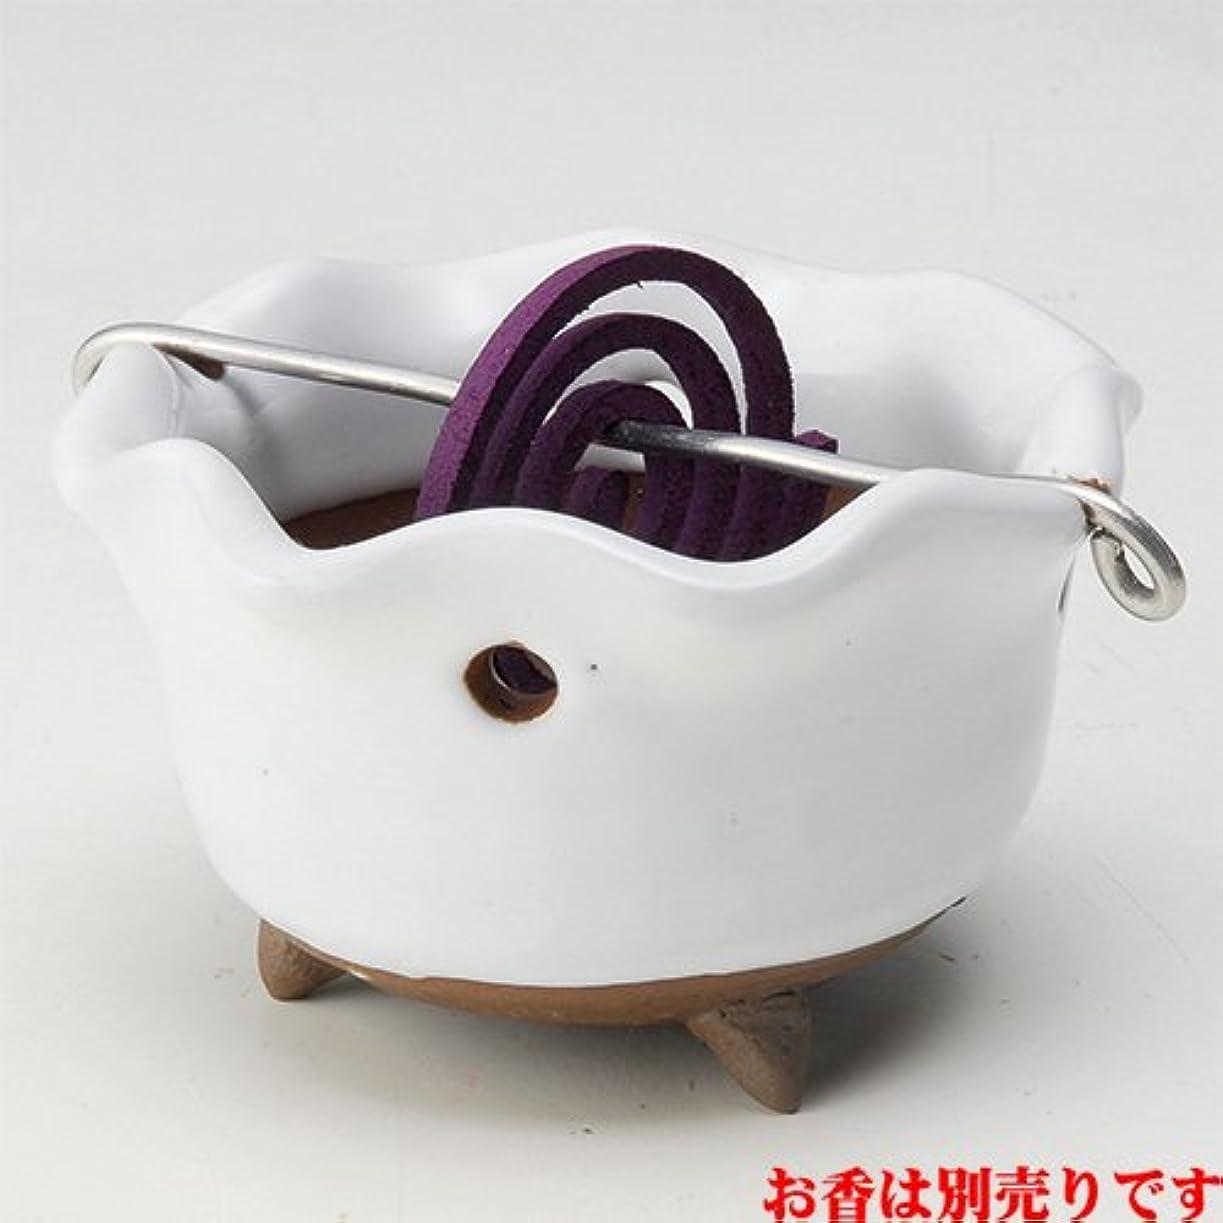 狂気両方鉄香皿 白志野 花型 香鉢 [R8.5xH5.3cm] HANDMADE プレゼント ギフト 和食器 かわいい インテリア